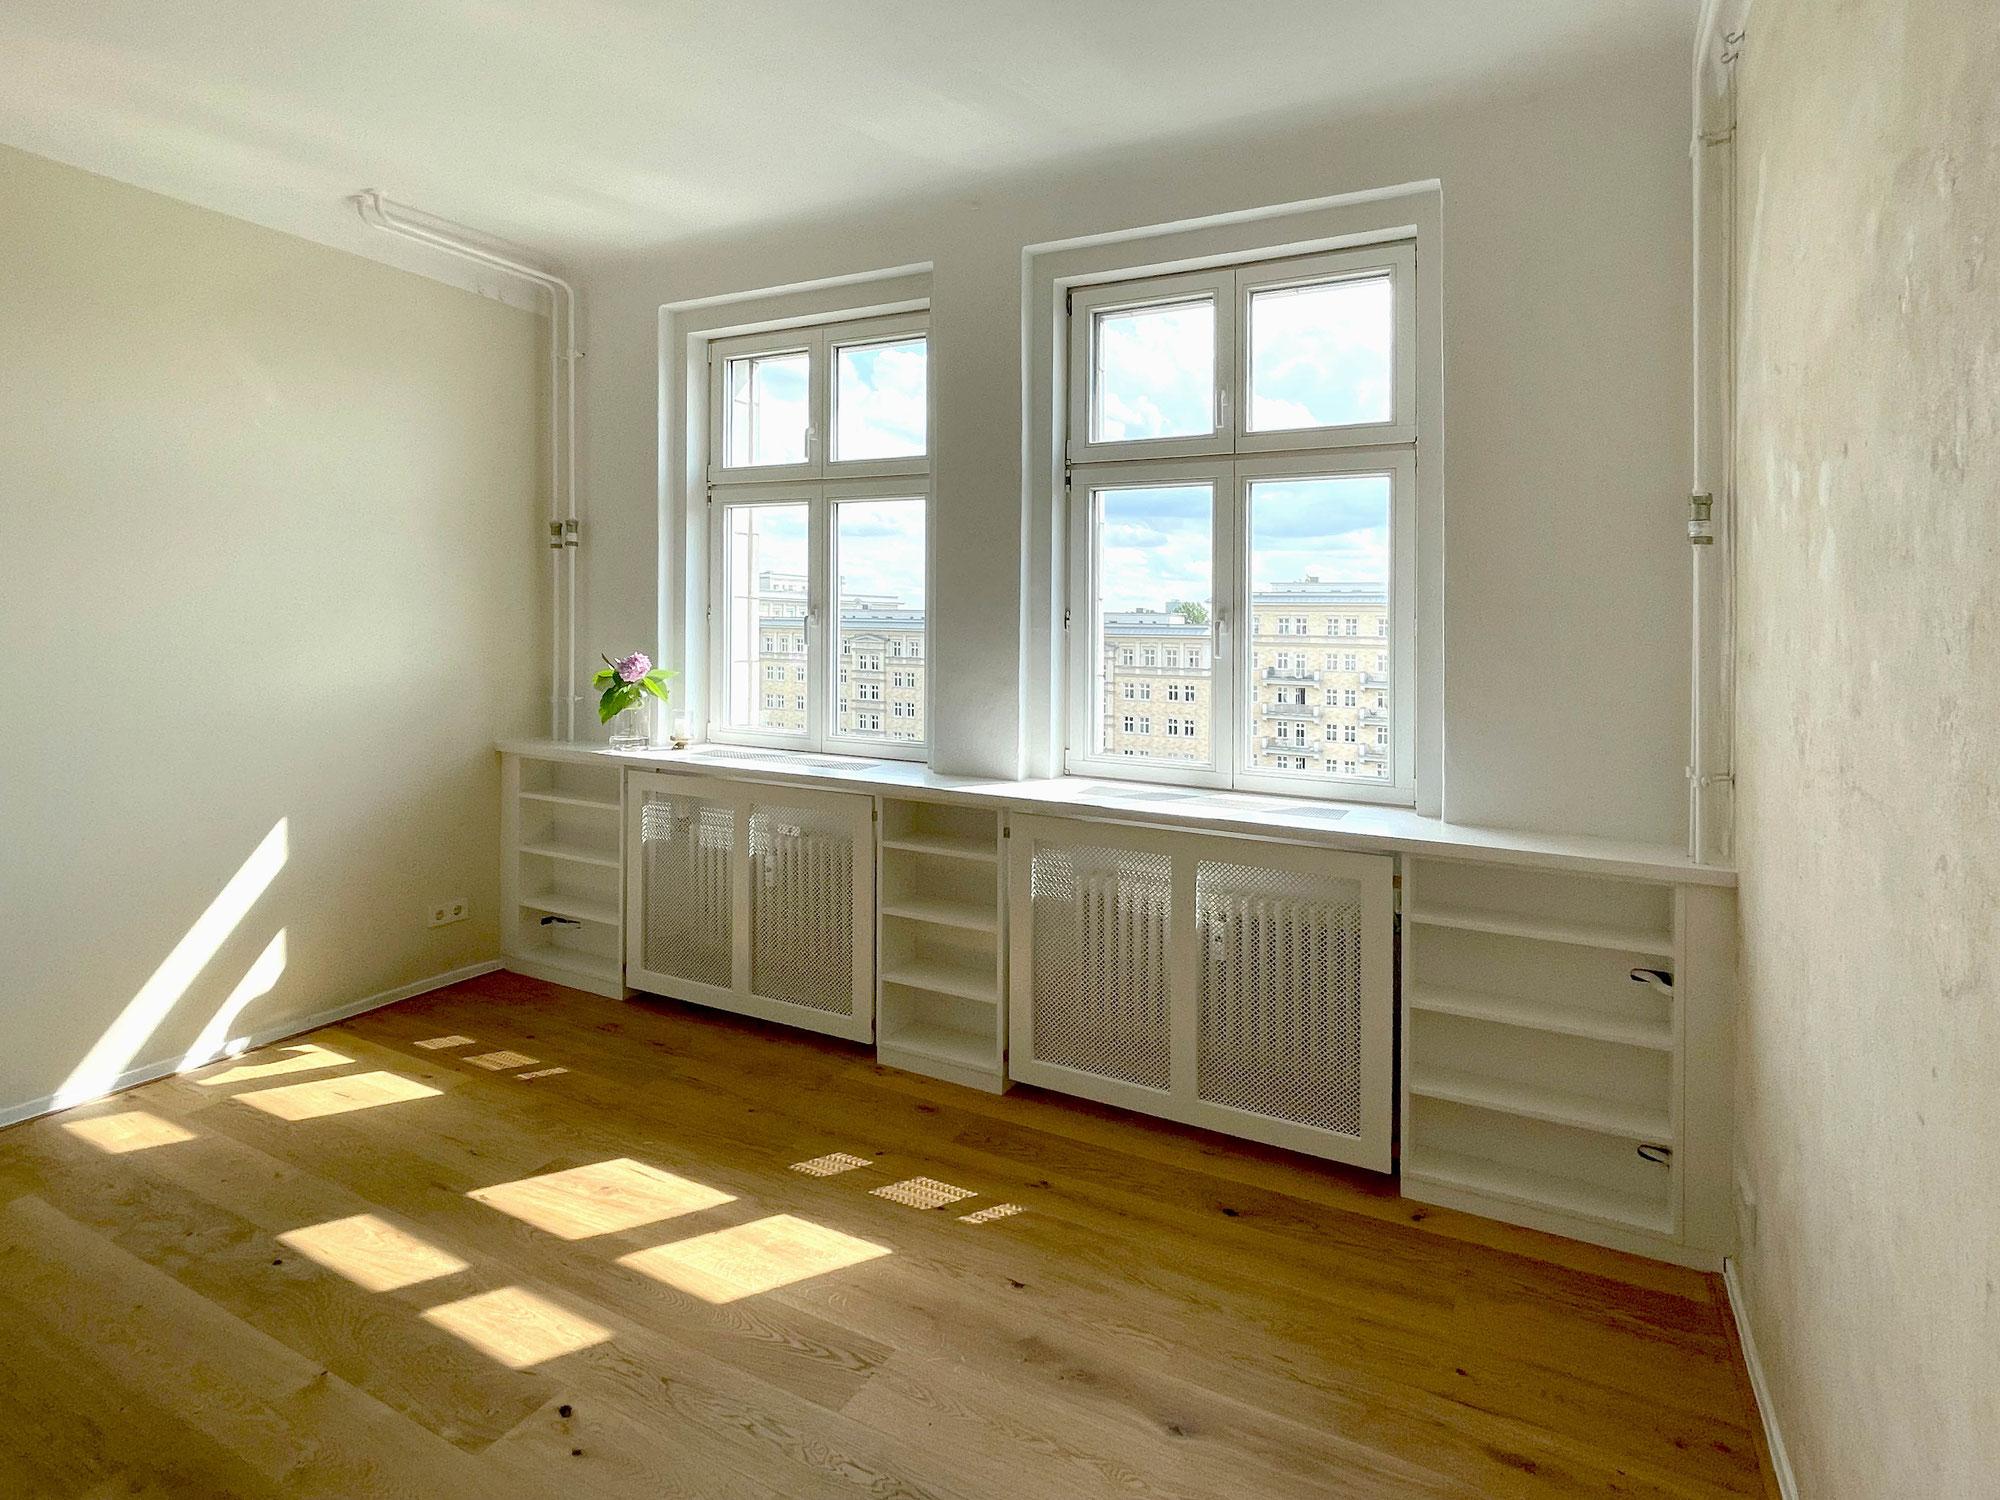 Fertigstellung der Sanierung einer kleinen Altbauwohnung in Berlin-Friedrichshain